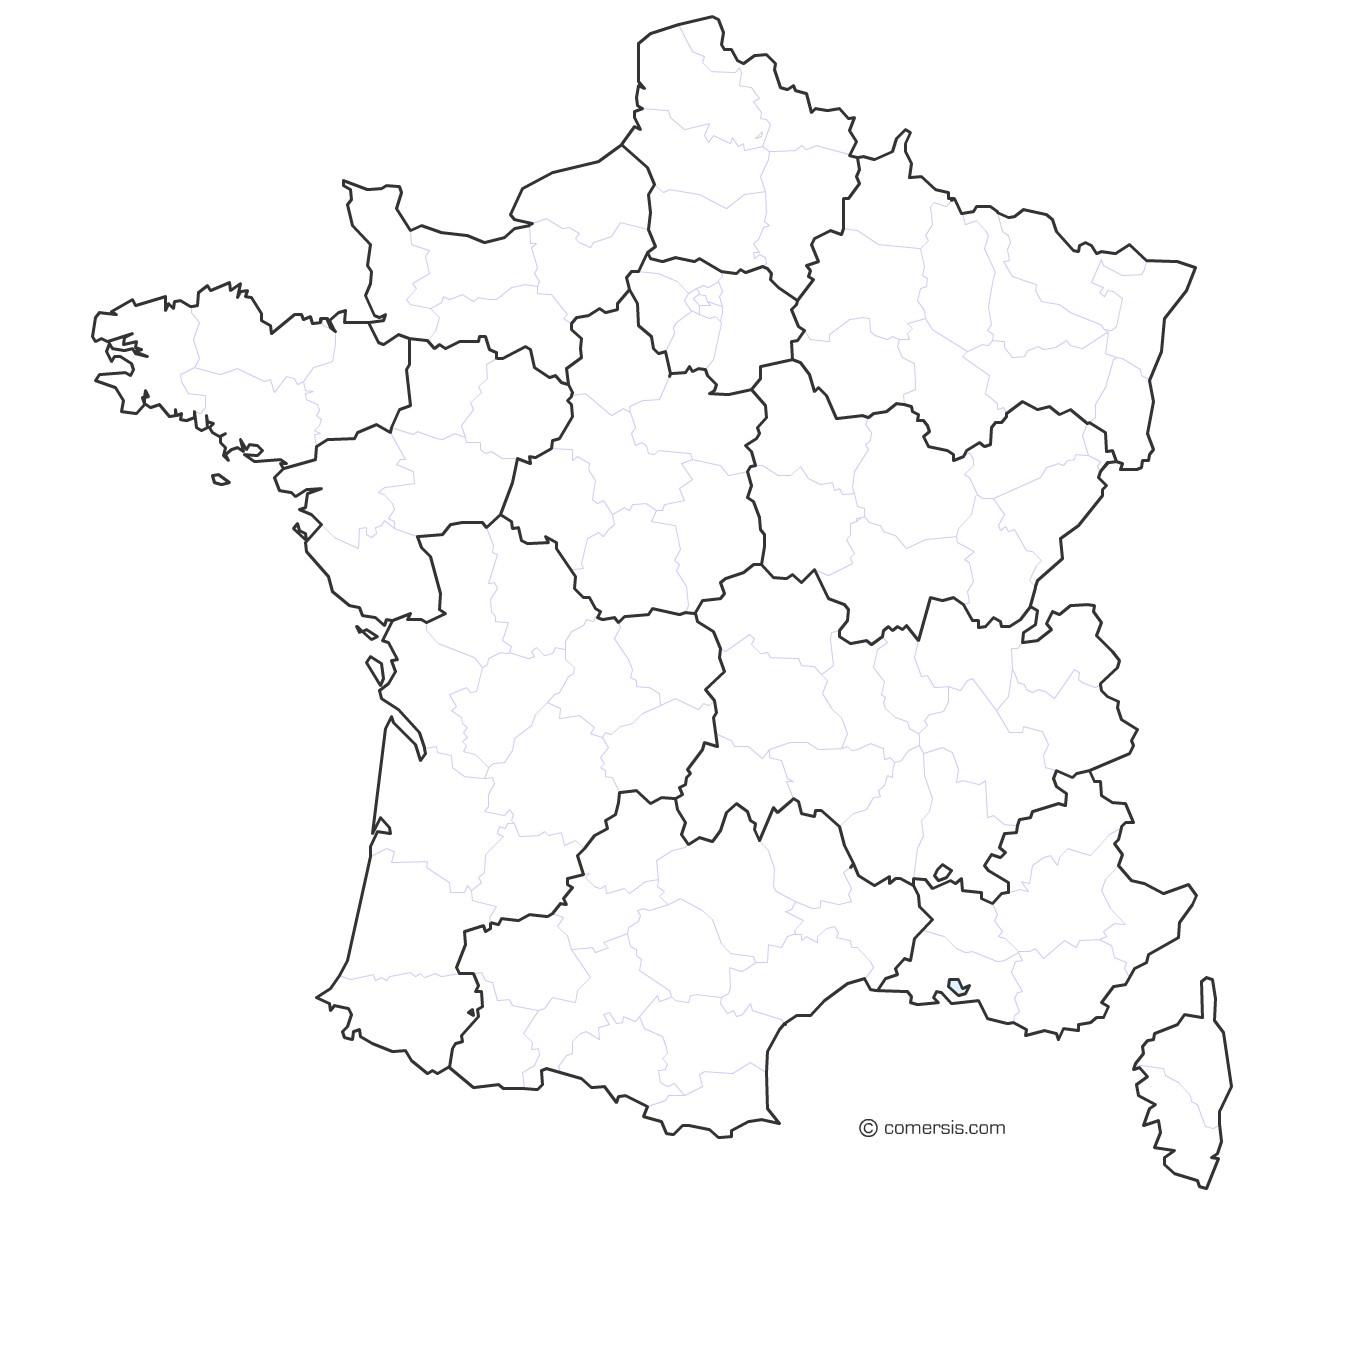 French Regions And Departments Map pour Liste Des Régions Françaises